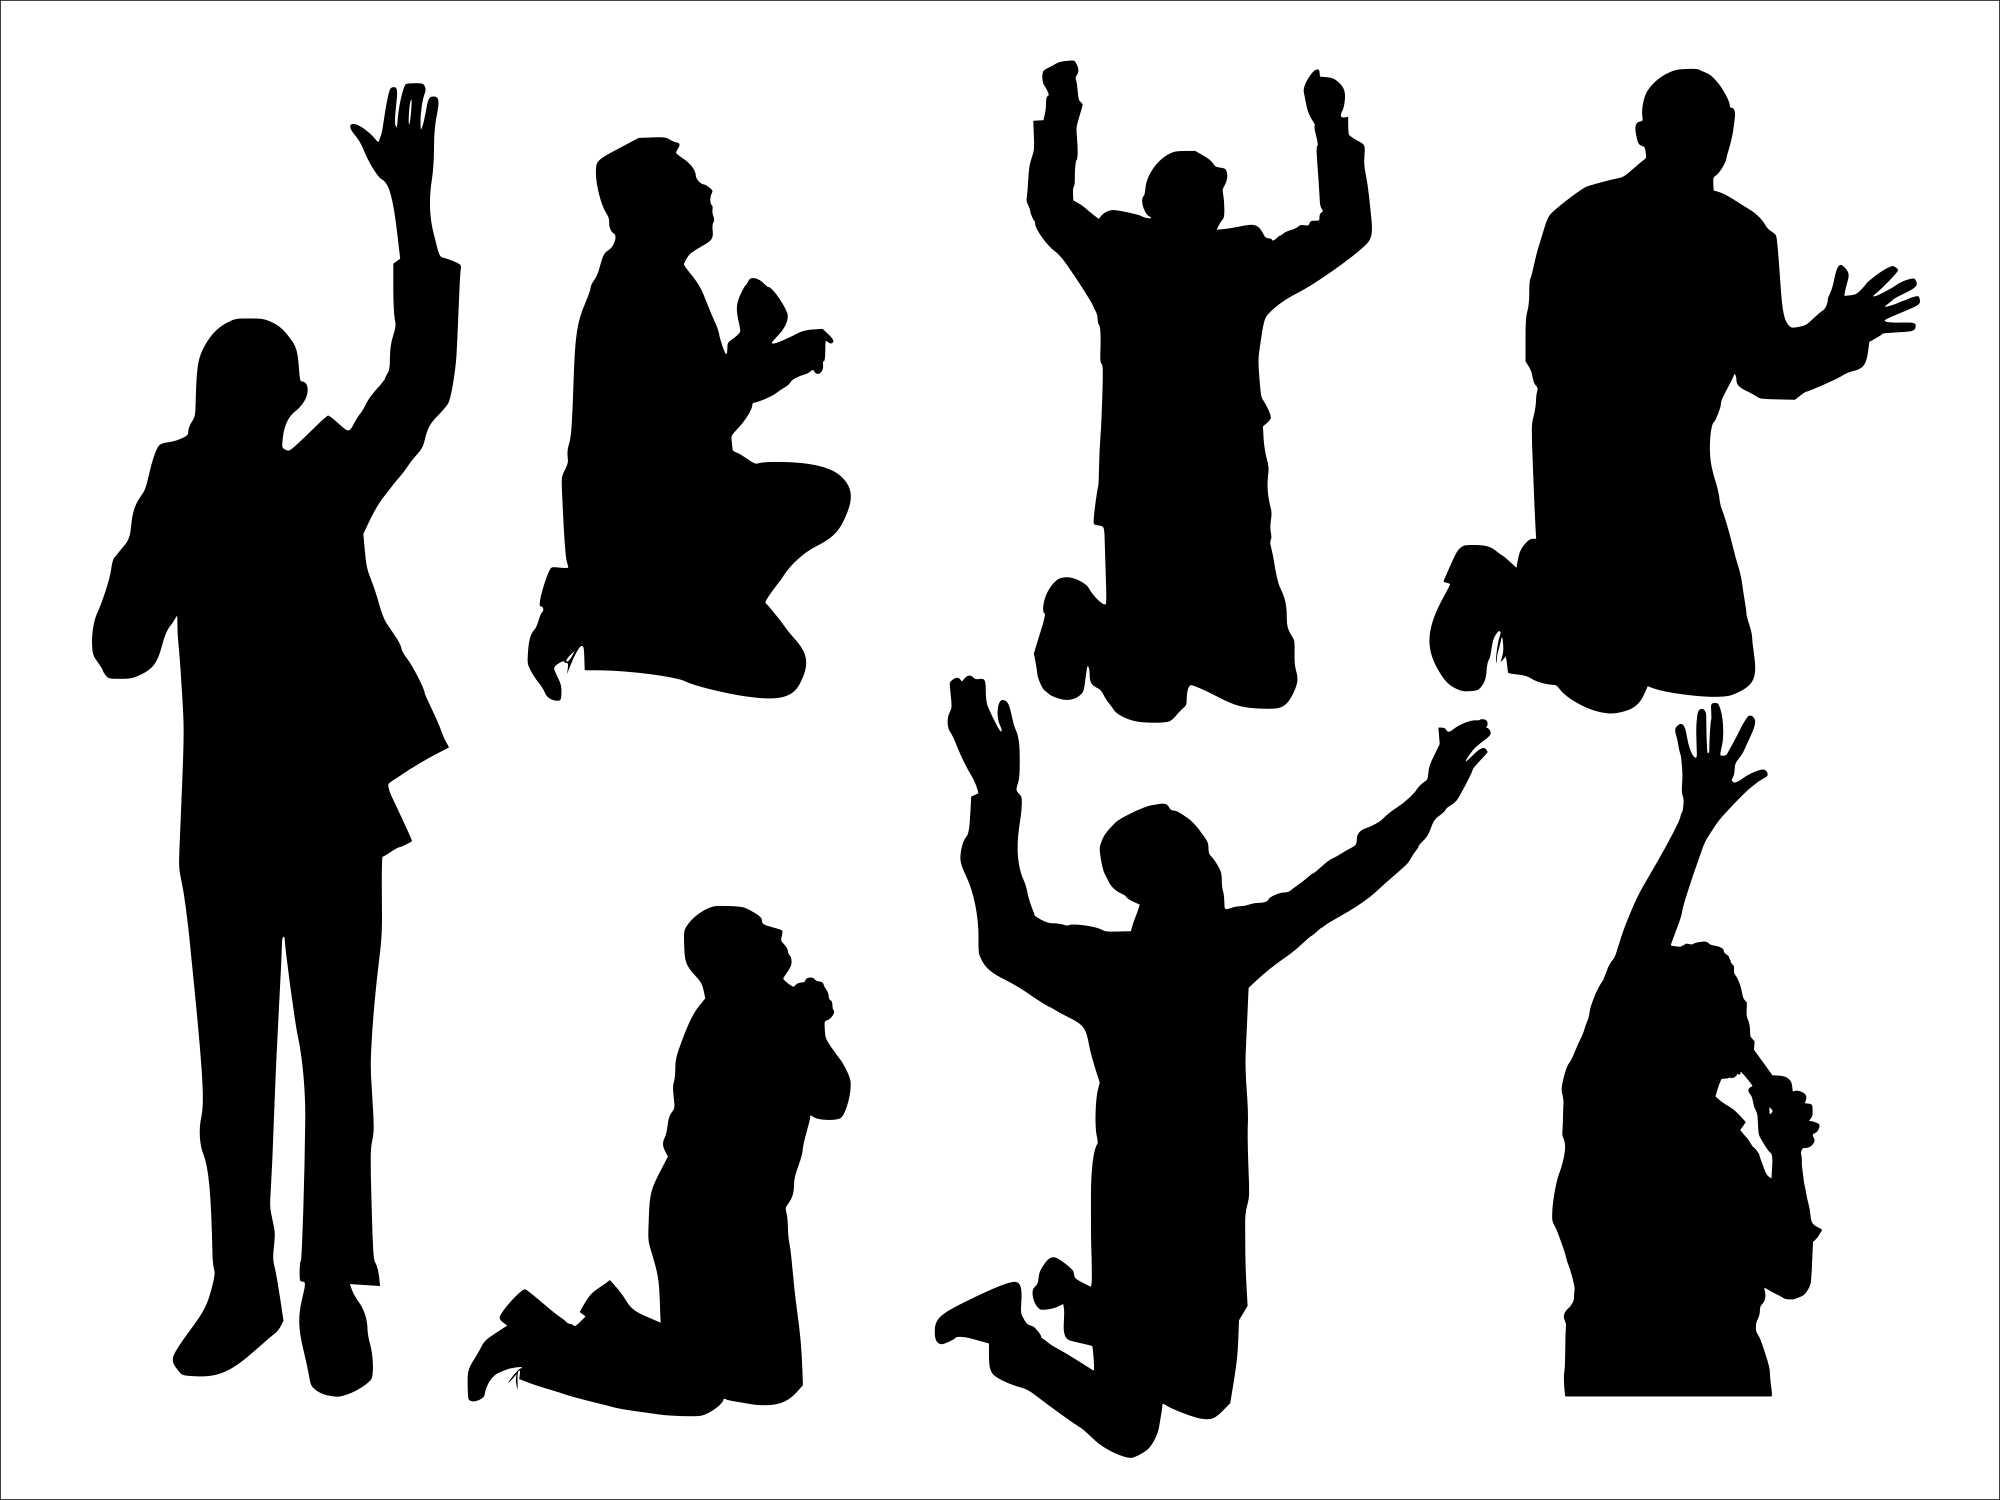 7-praising-silhouette-cover.jpg